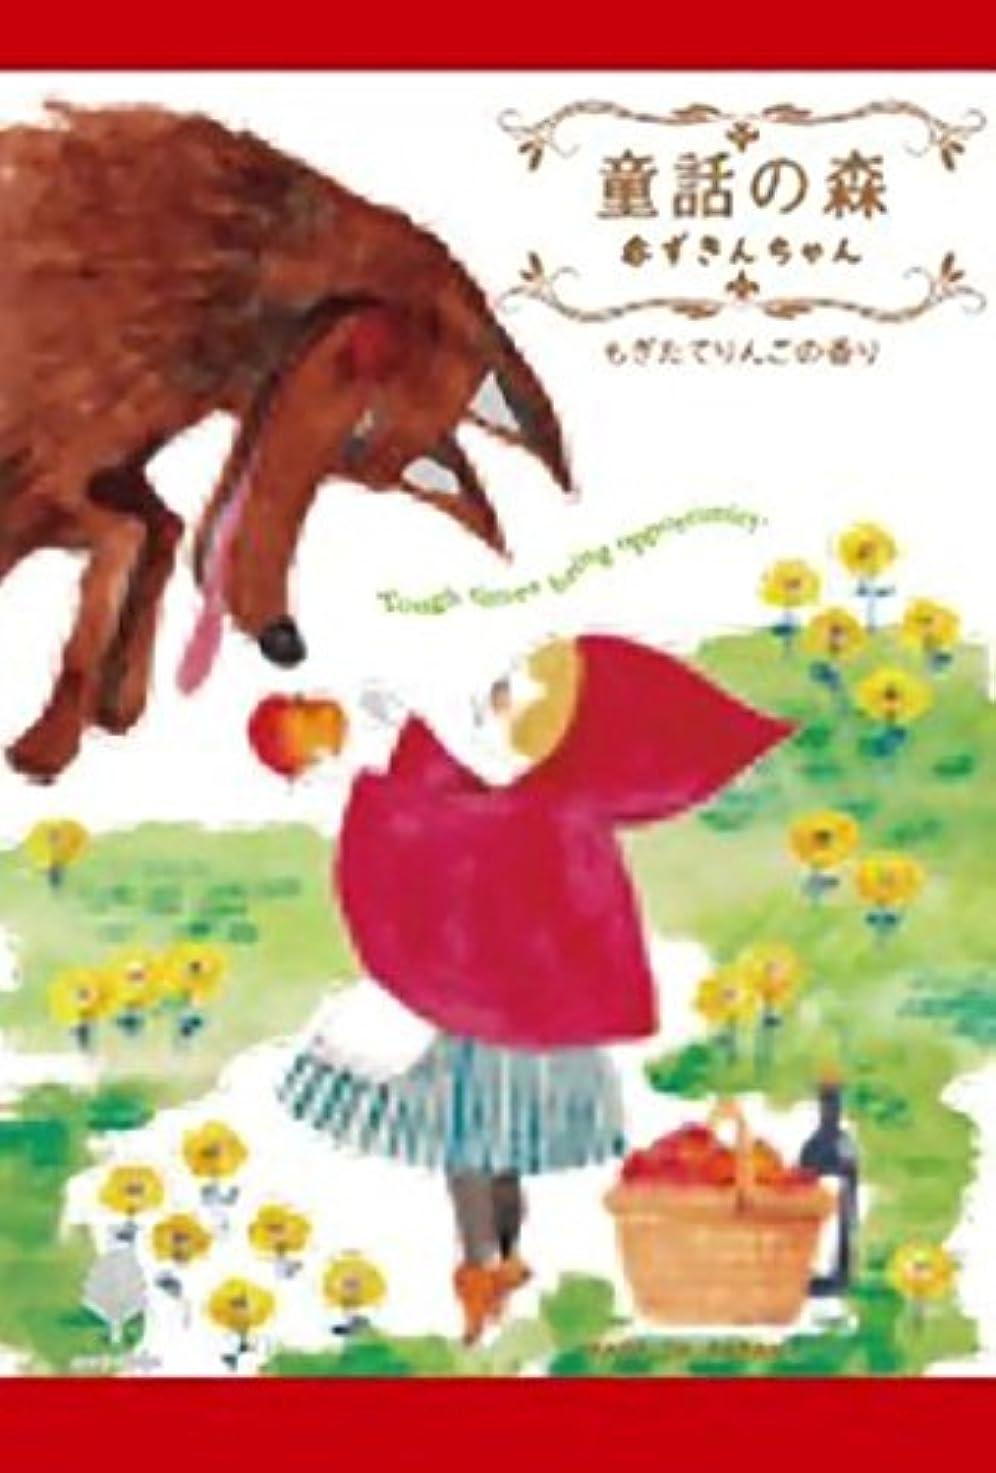 幸運慣性シーボード小久保工業所 日本製 made in japan 童話の森赤ずきんちゃん50g N-8746 【まとめ買い12個セット】